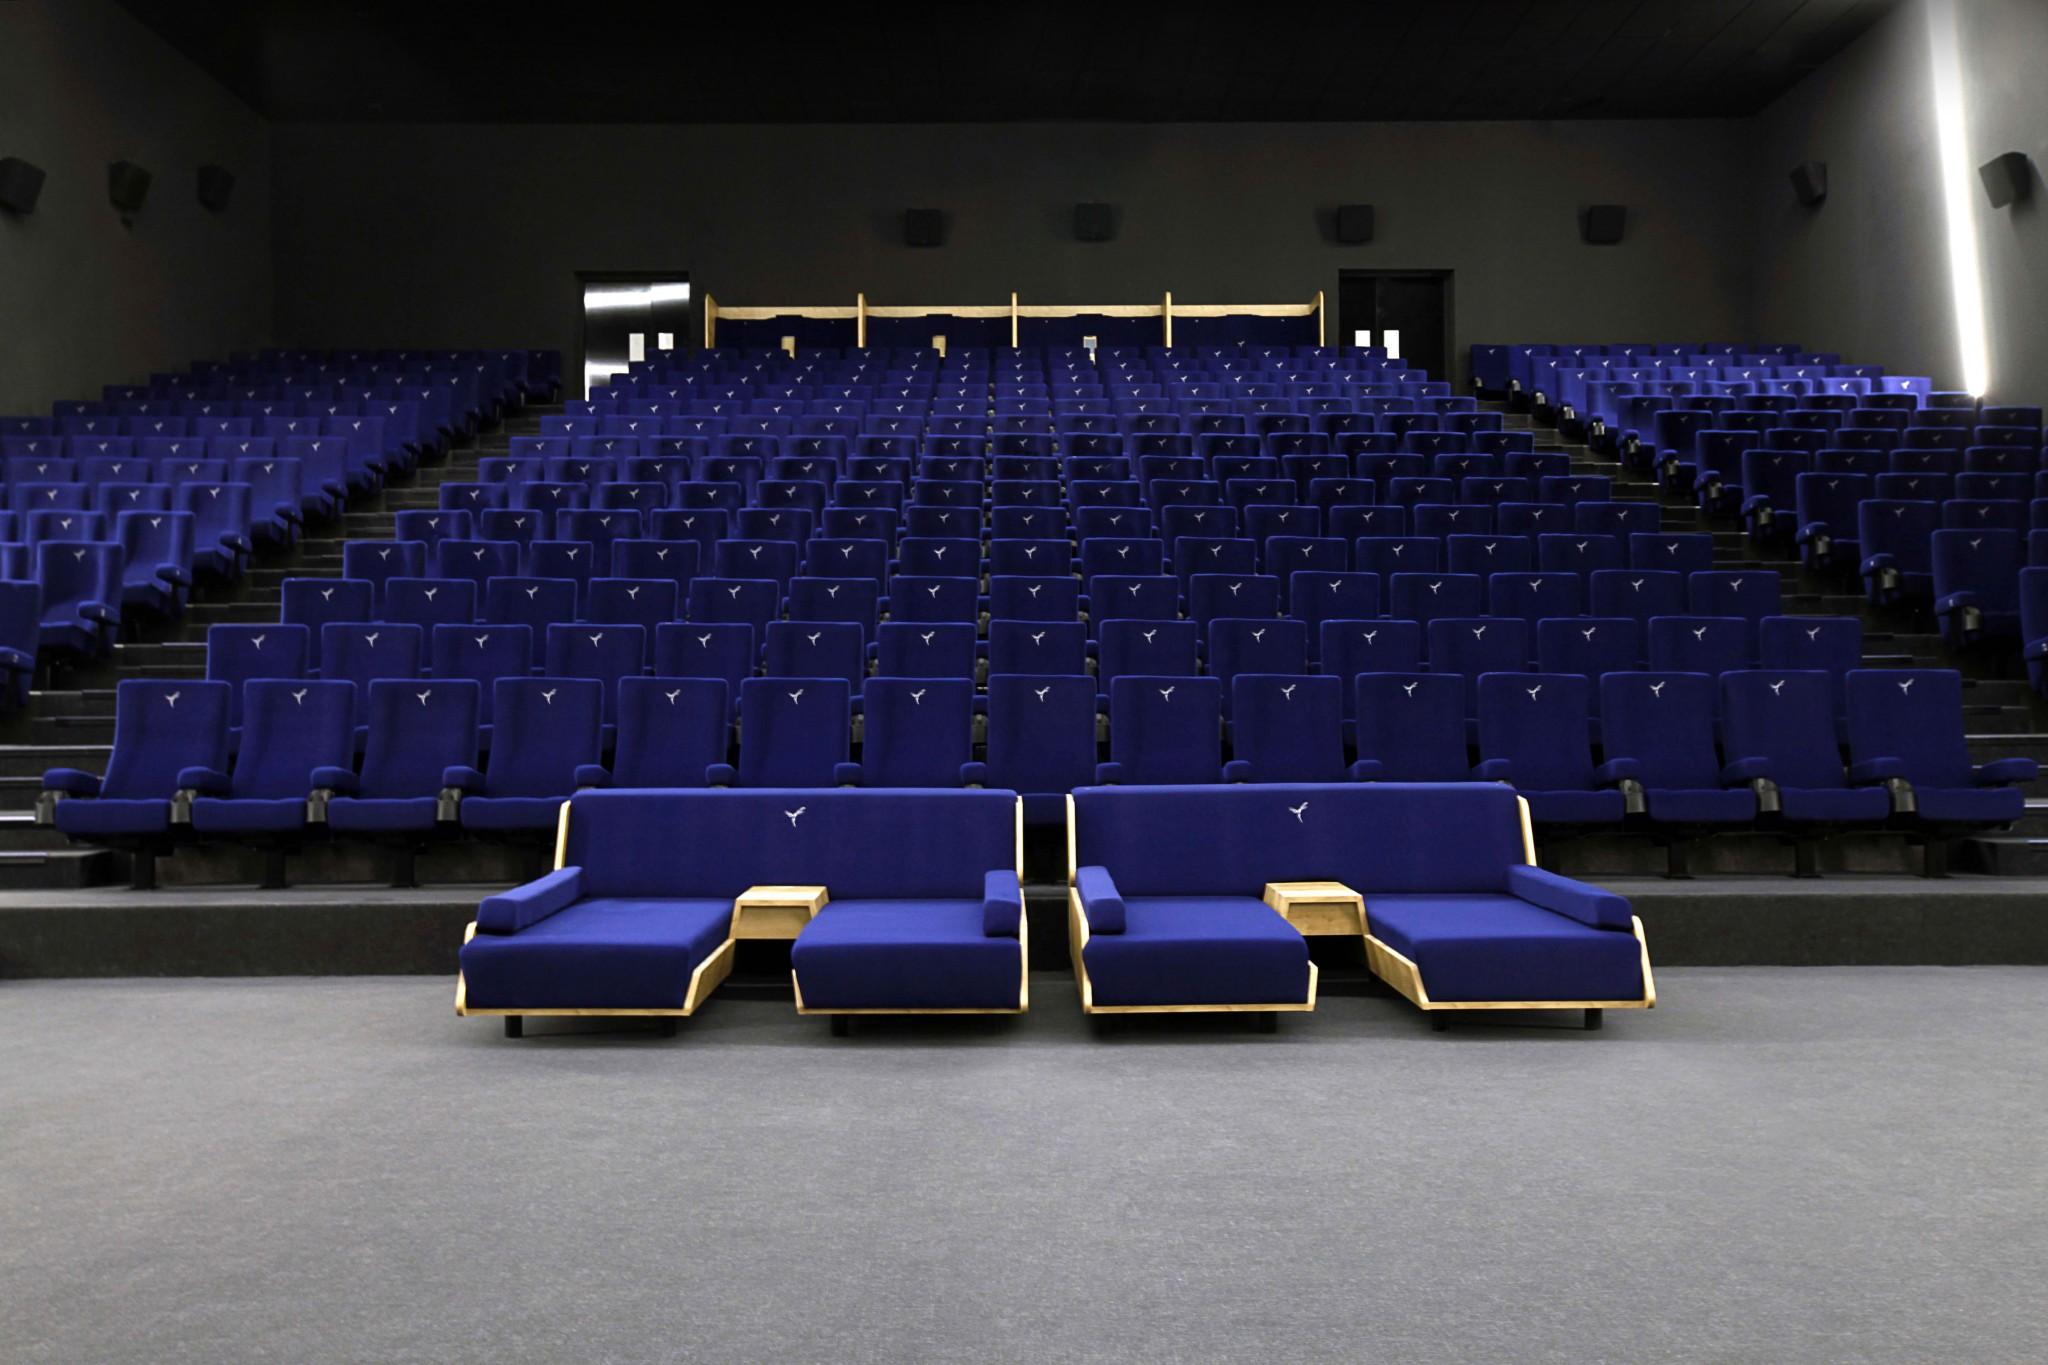 skanderborg cinema culture gratis åorno